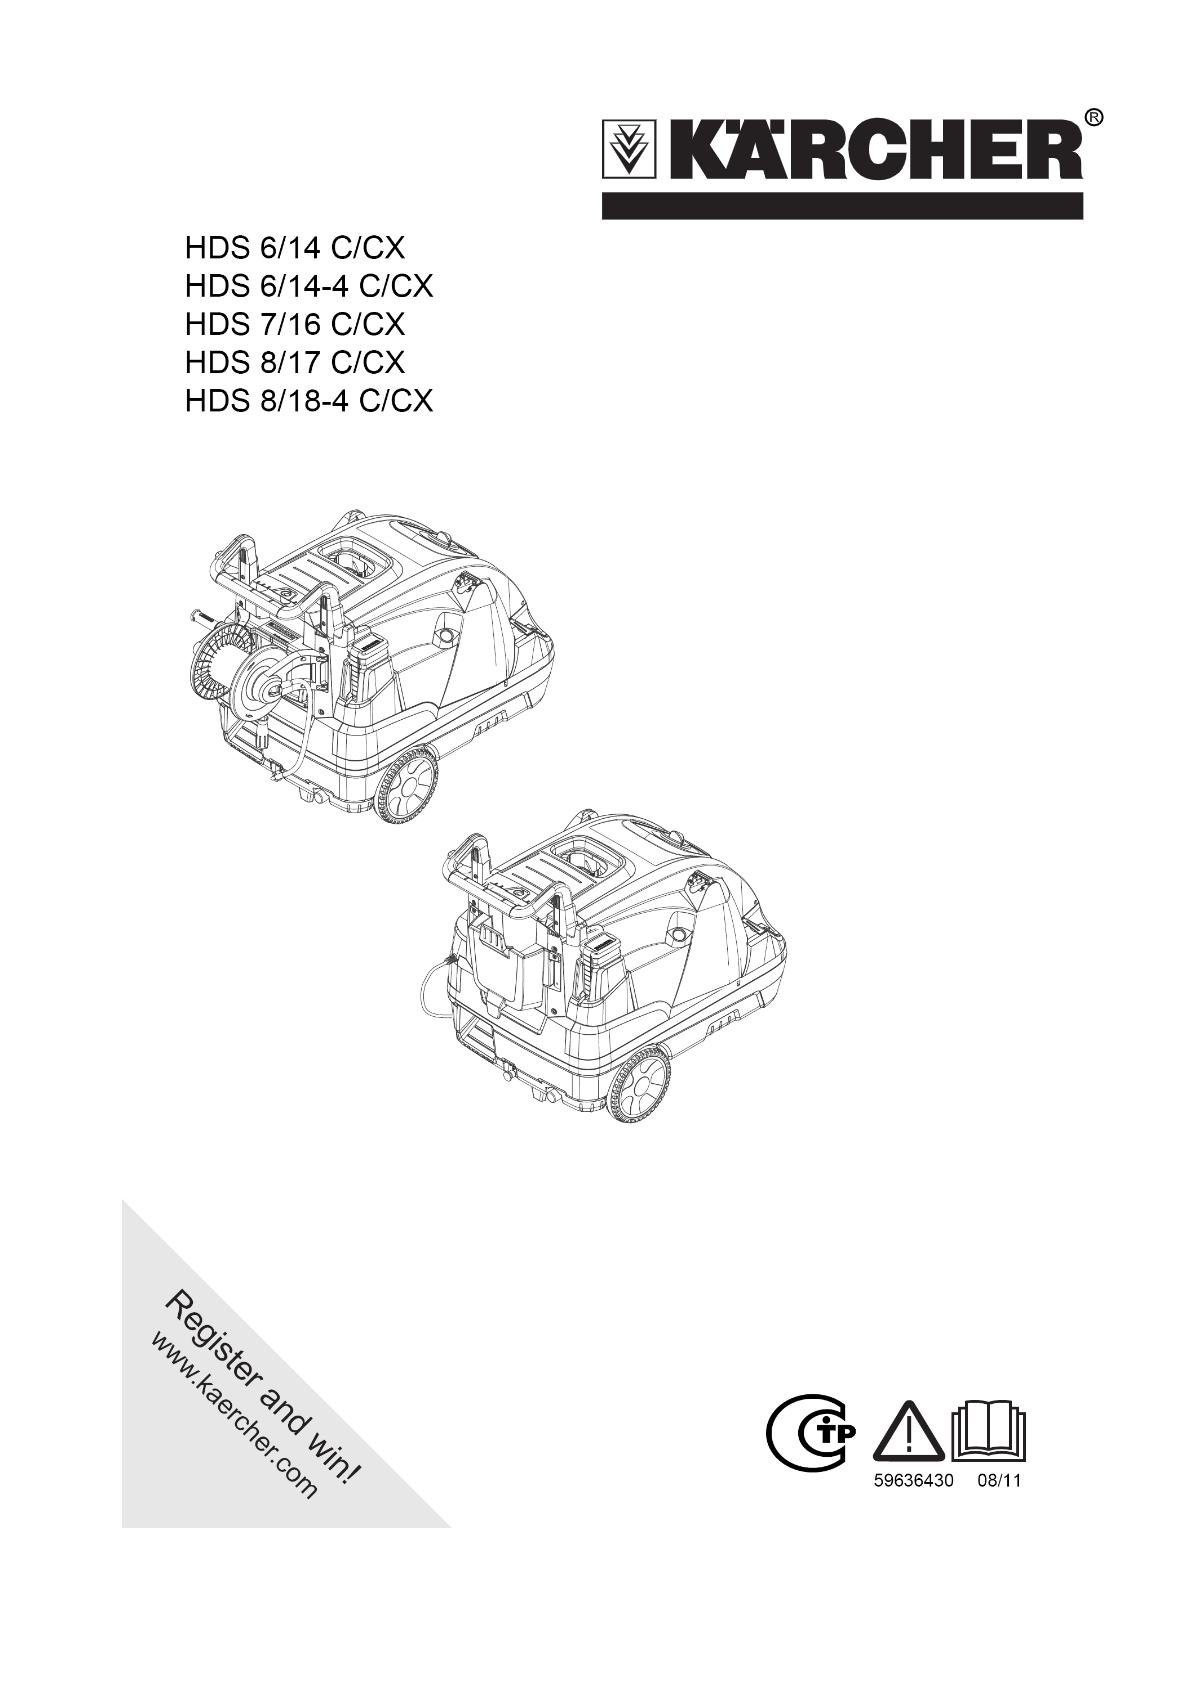 热水高压清洗机 HDS 6_14C说明书下载